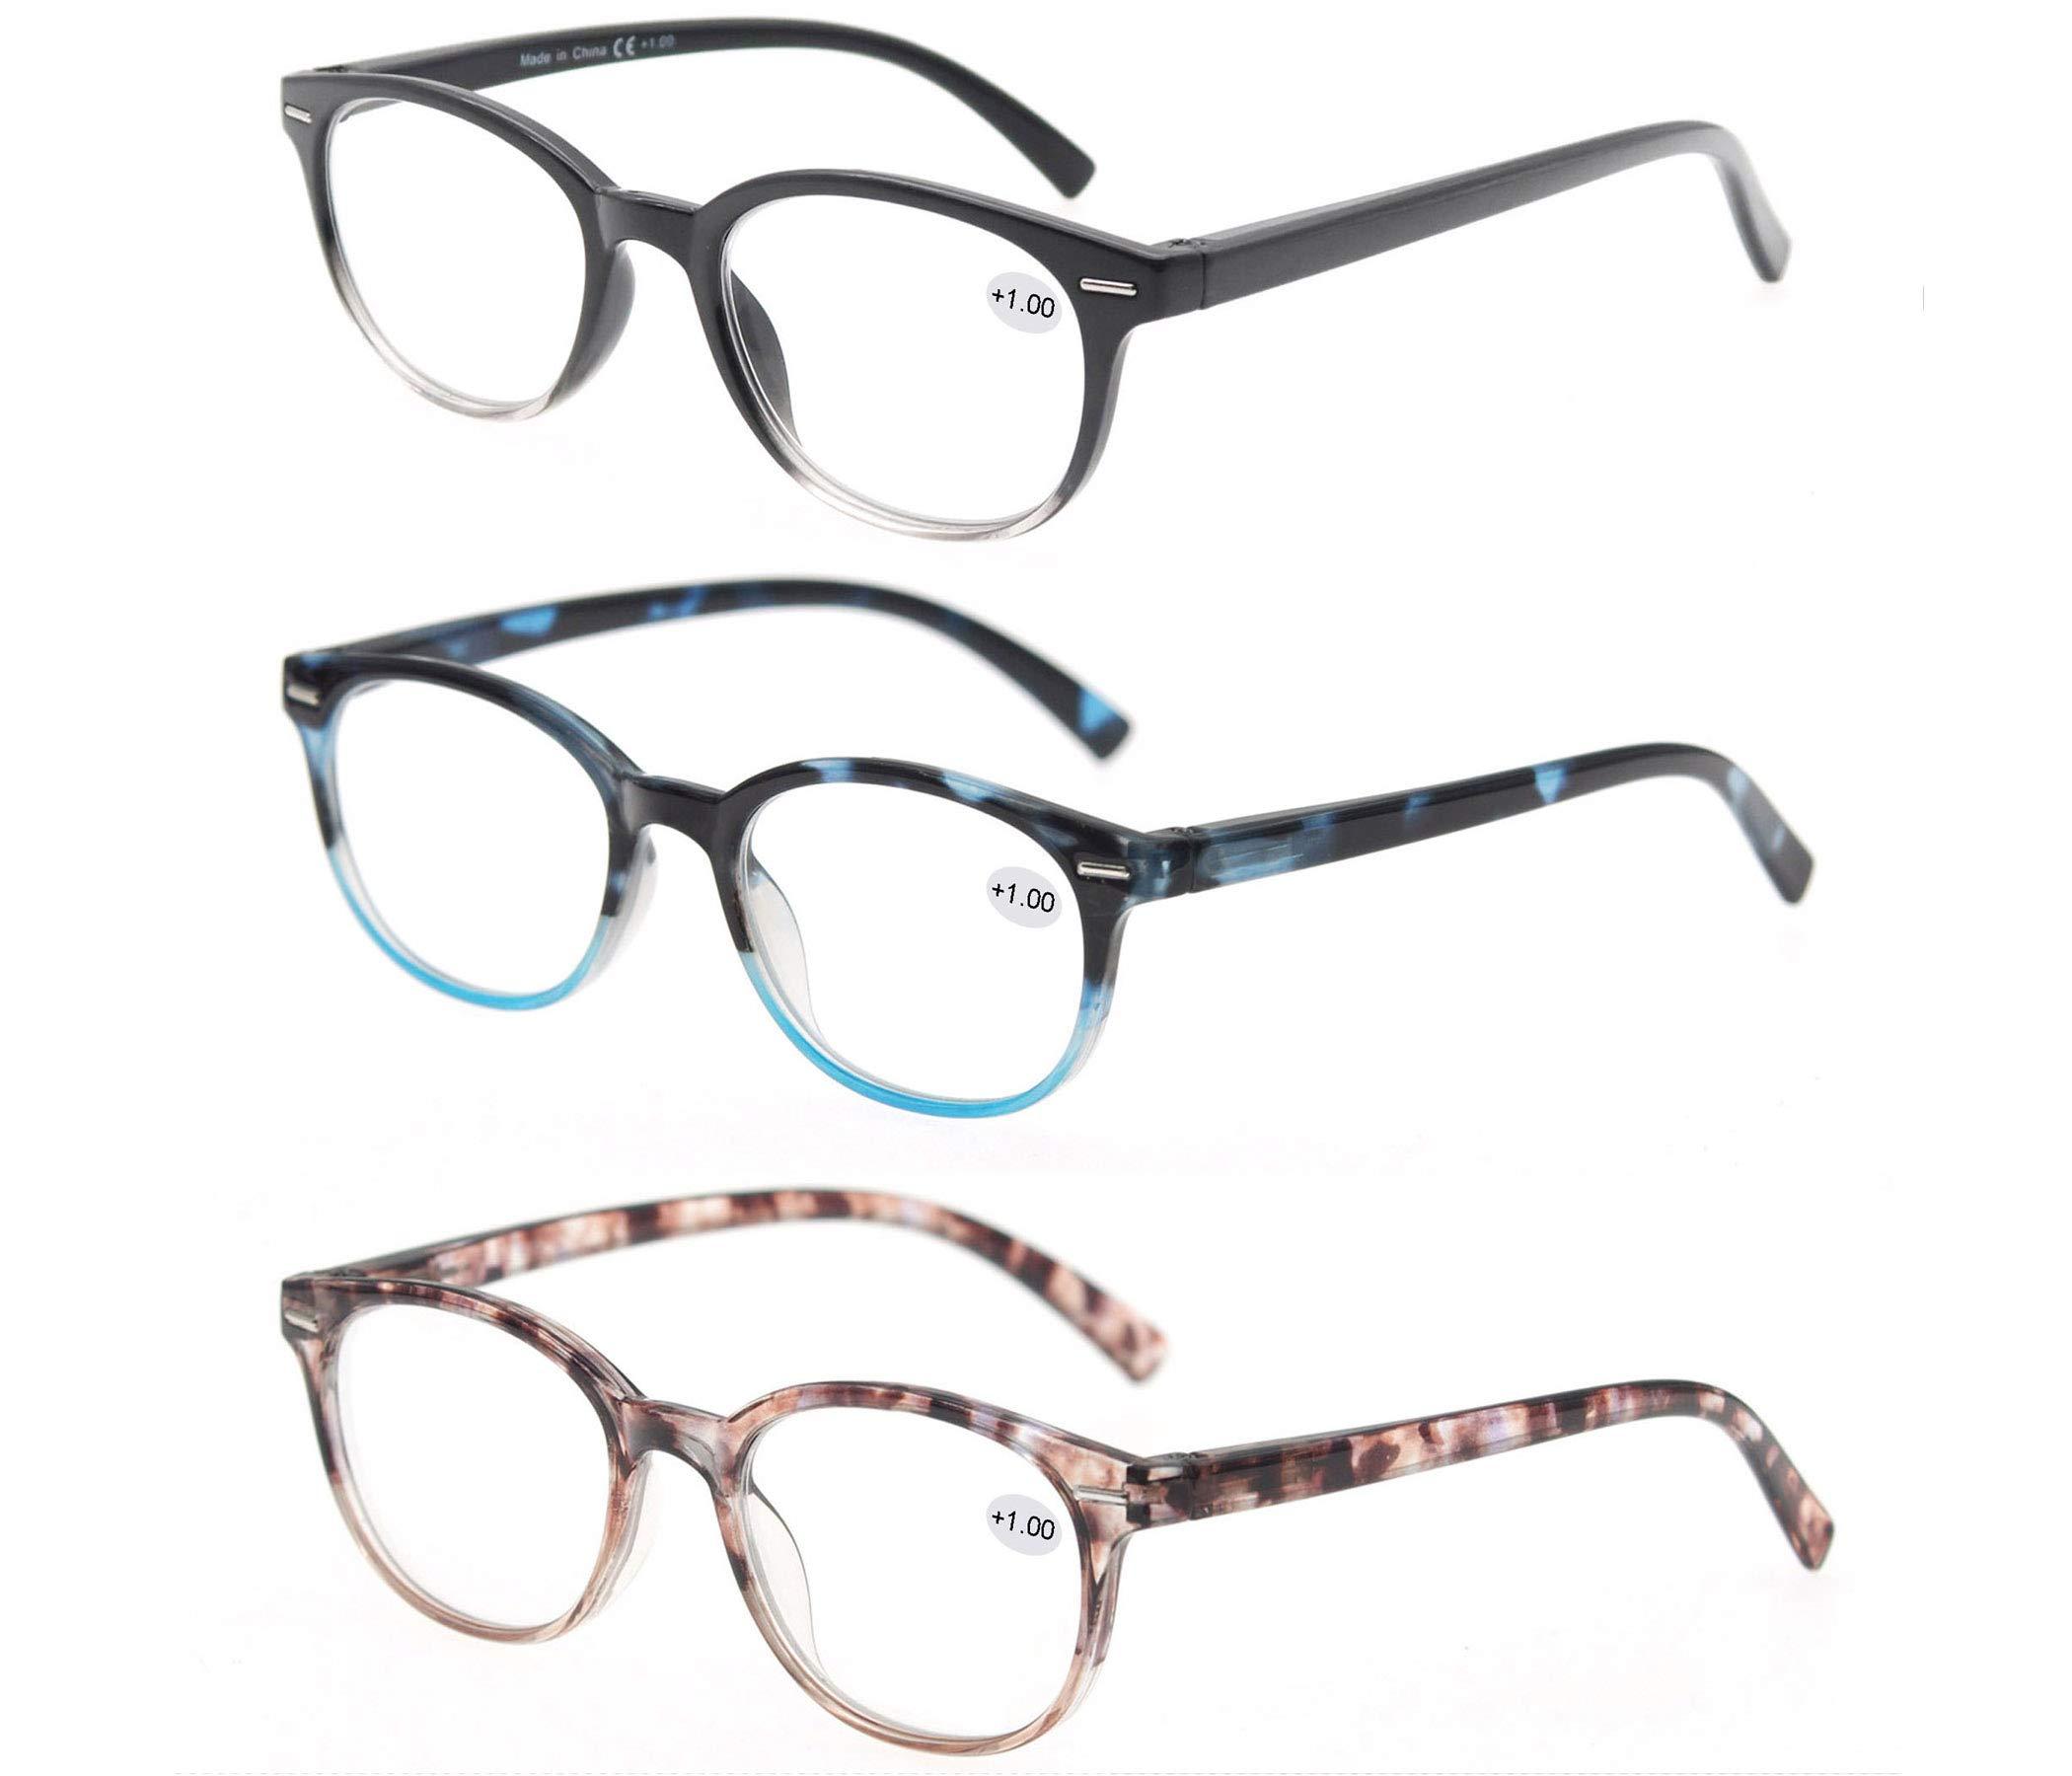 2693e187fc3 Top Montures de lunettes femme selon les notes Amazon.fr